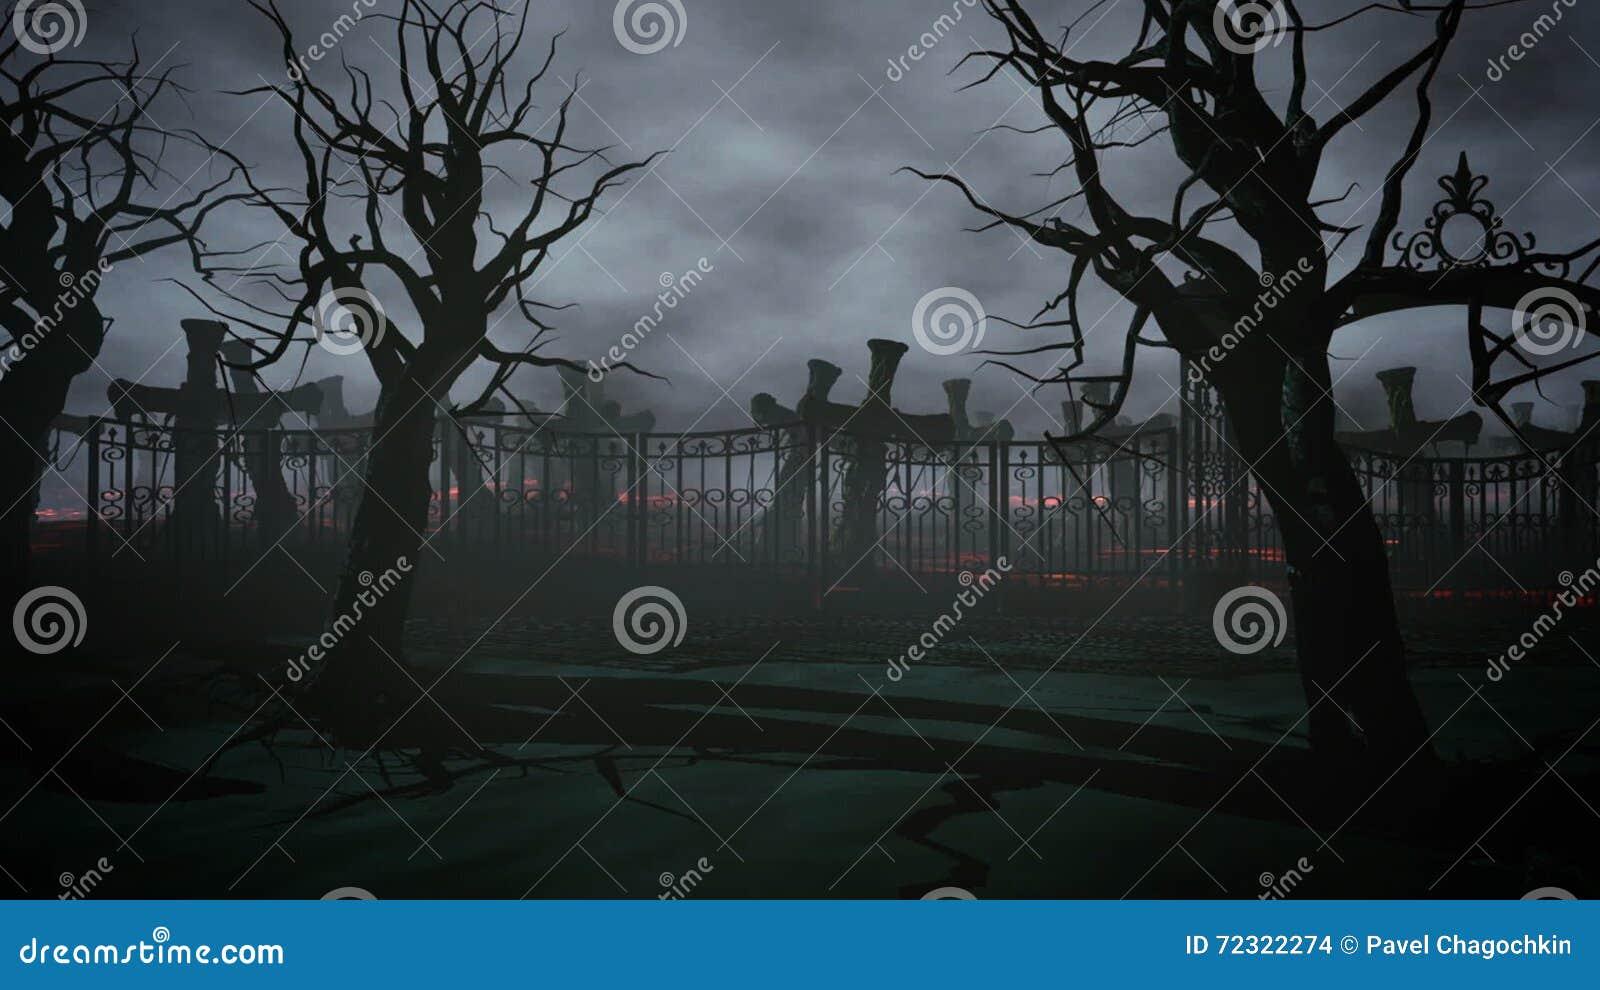 LA BRUTTA NOTTE DI ROSS O'HARA Cimitero-di-notte-di-orrore-tomba-luce-della-luna-concetto-di-halloween-animazione-d-72322274